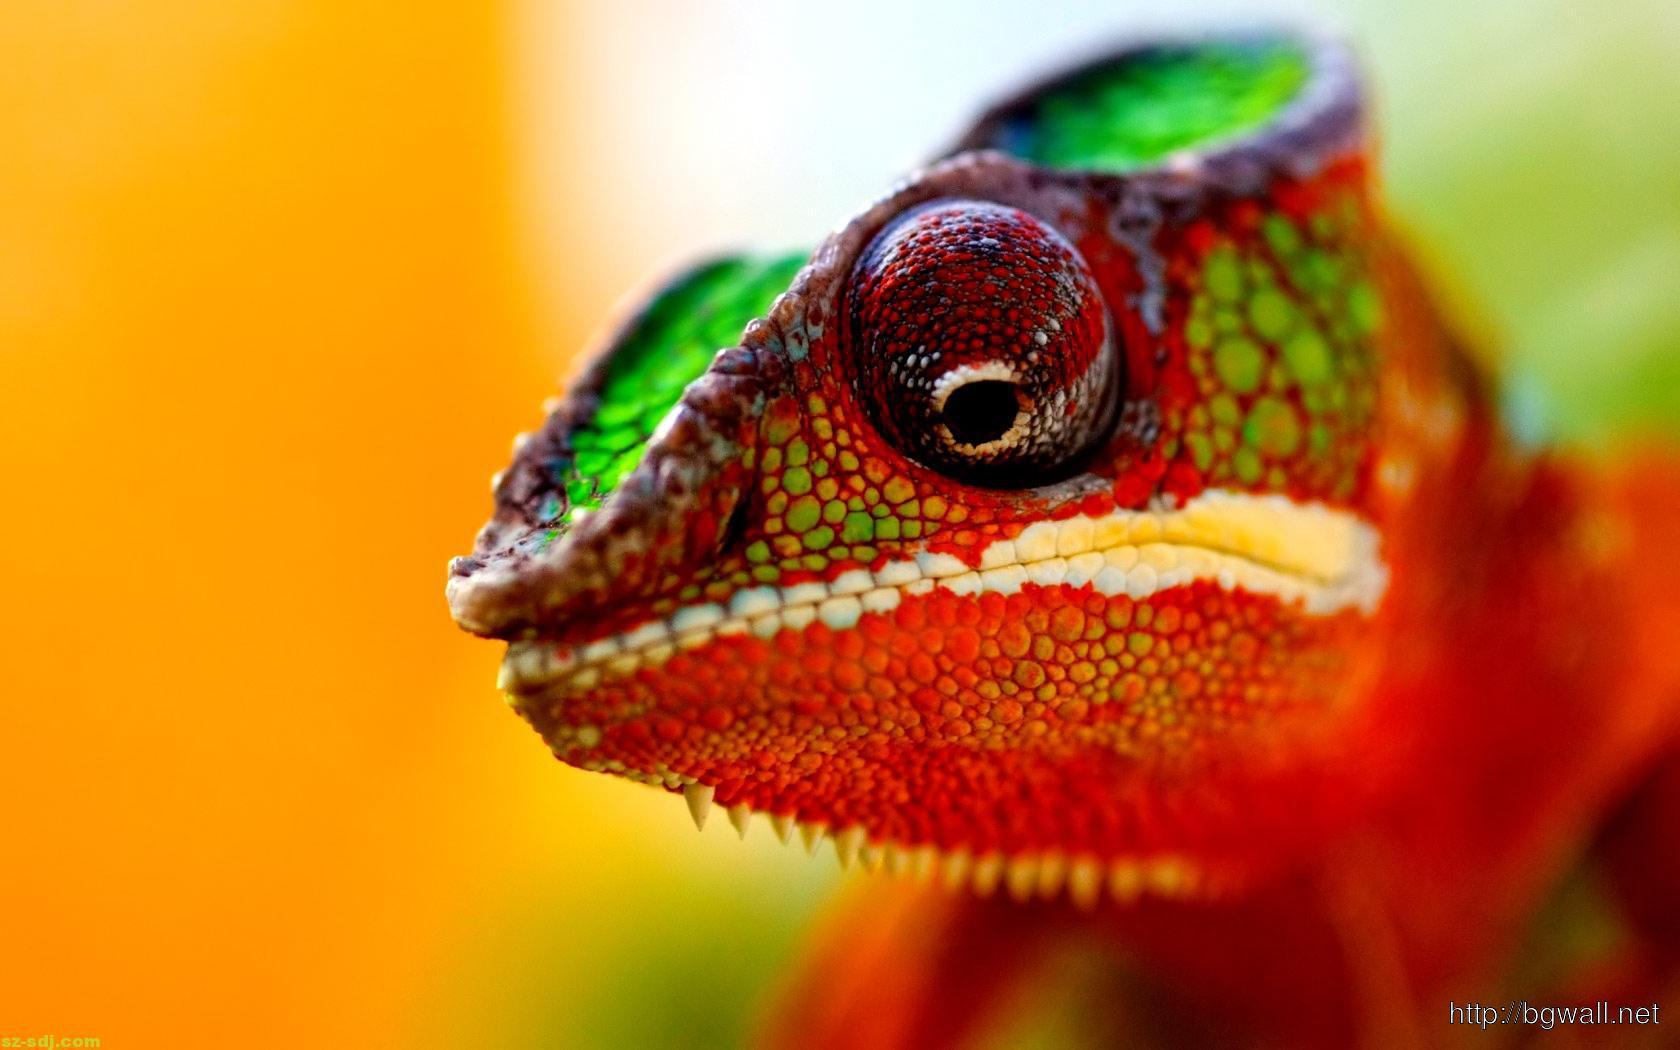 colorful-chameleon-macro-wallpaper-for-desktop